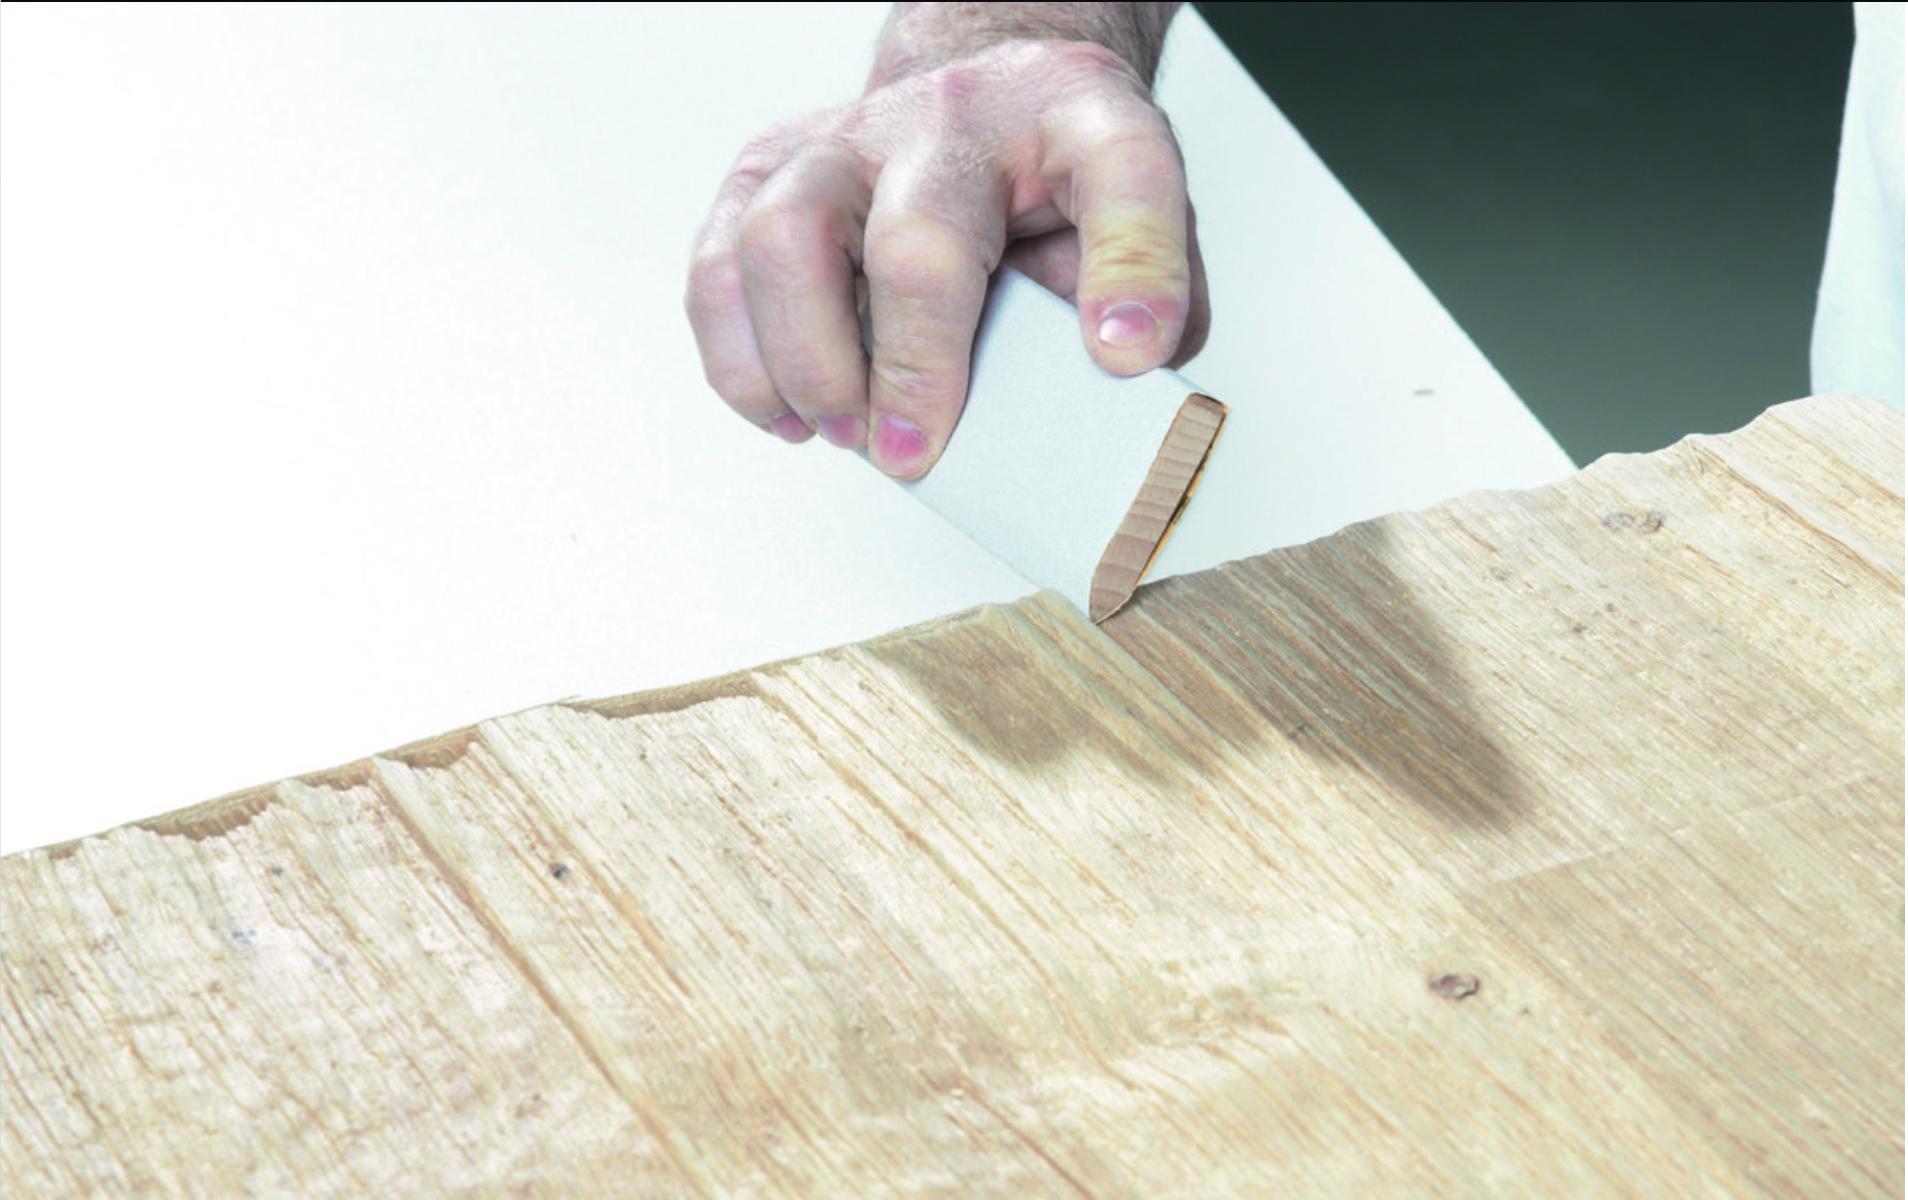 4. Enge Strukturverläufe müssen mit geeigneten Schleifpapierträgern nachgearbeitet werden.